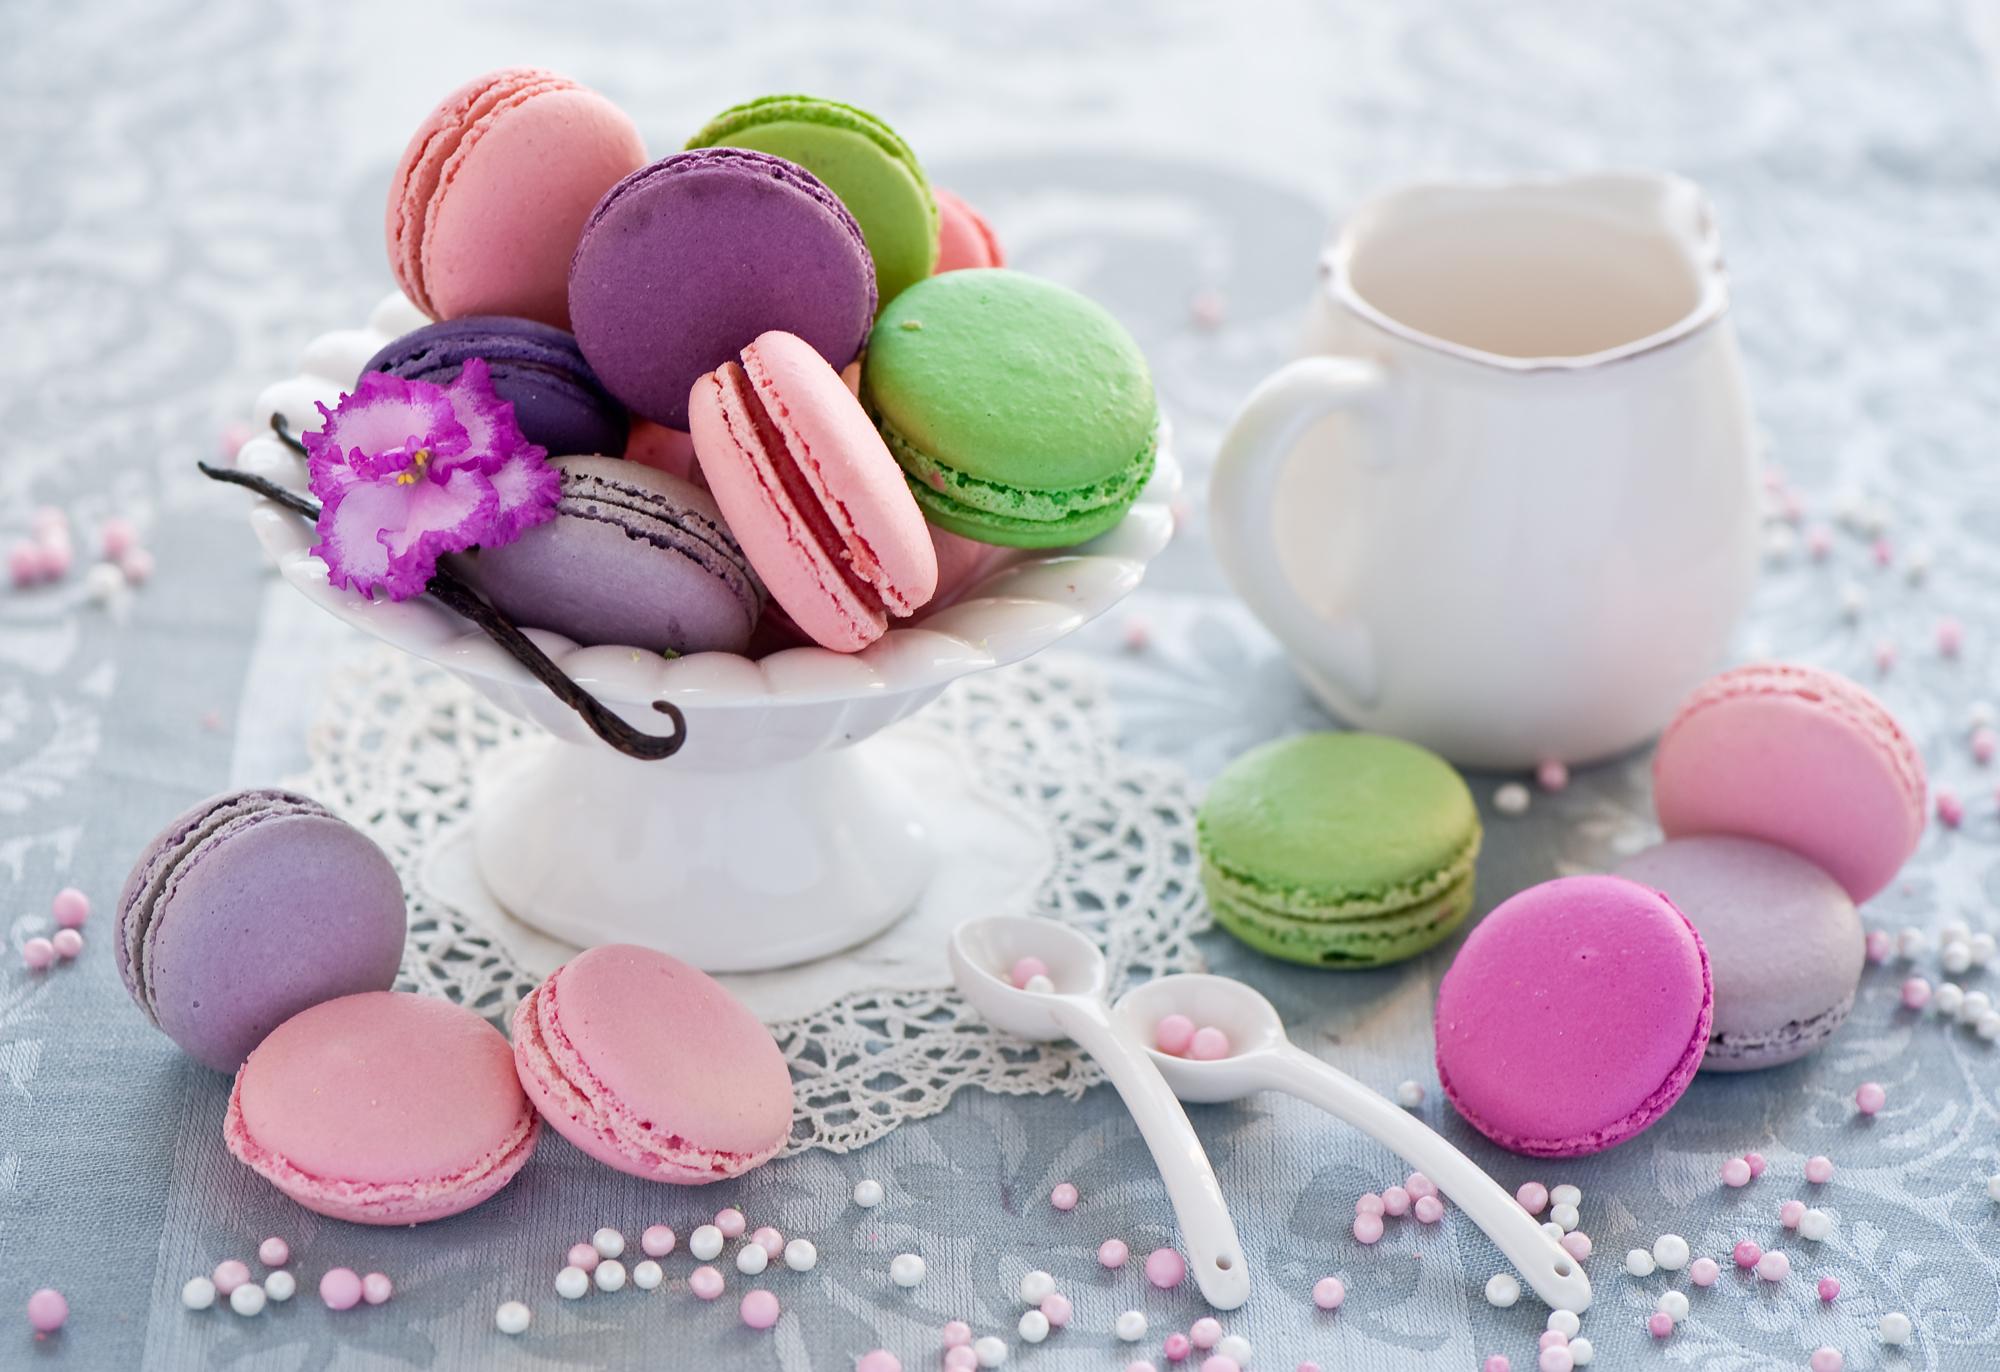 mukuruny Традиционные  сладости для Candy bar (Кэнди бара)